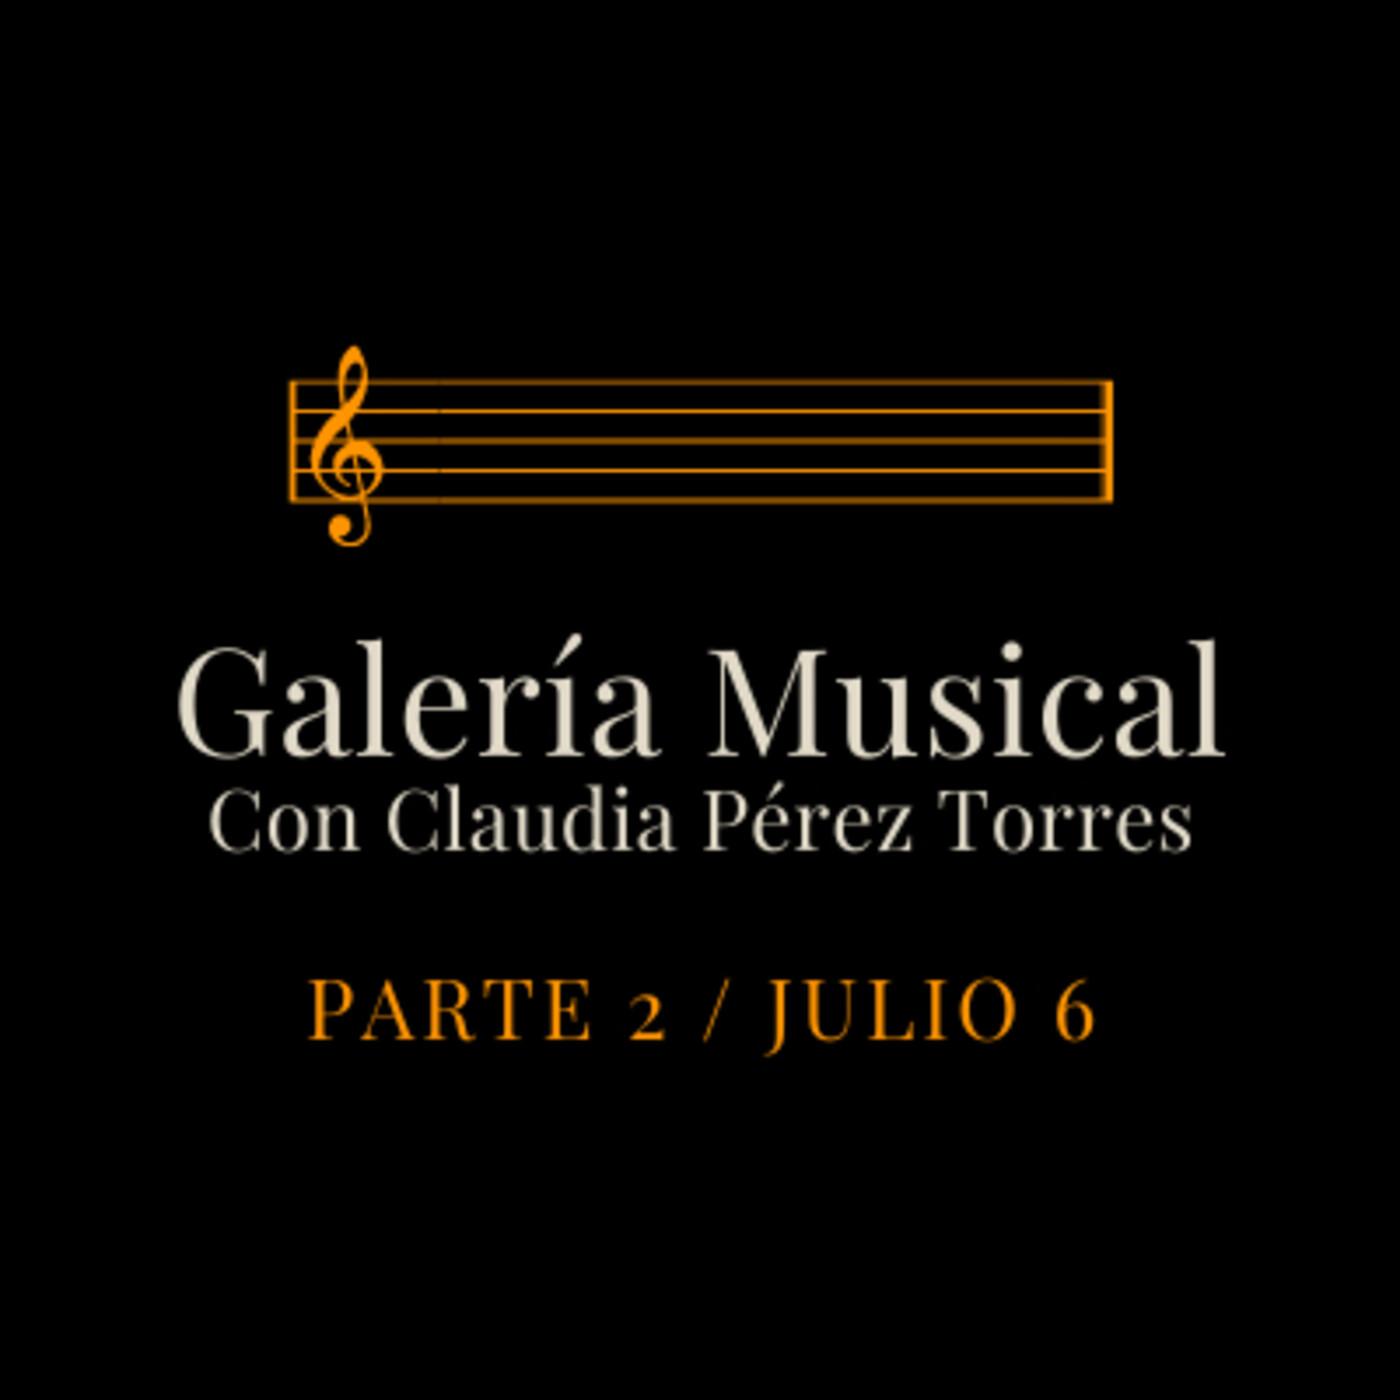 Galería Musical PARTE 2 / JUNIO 06